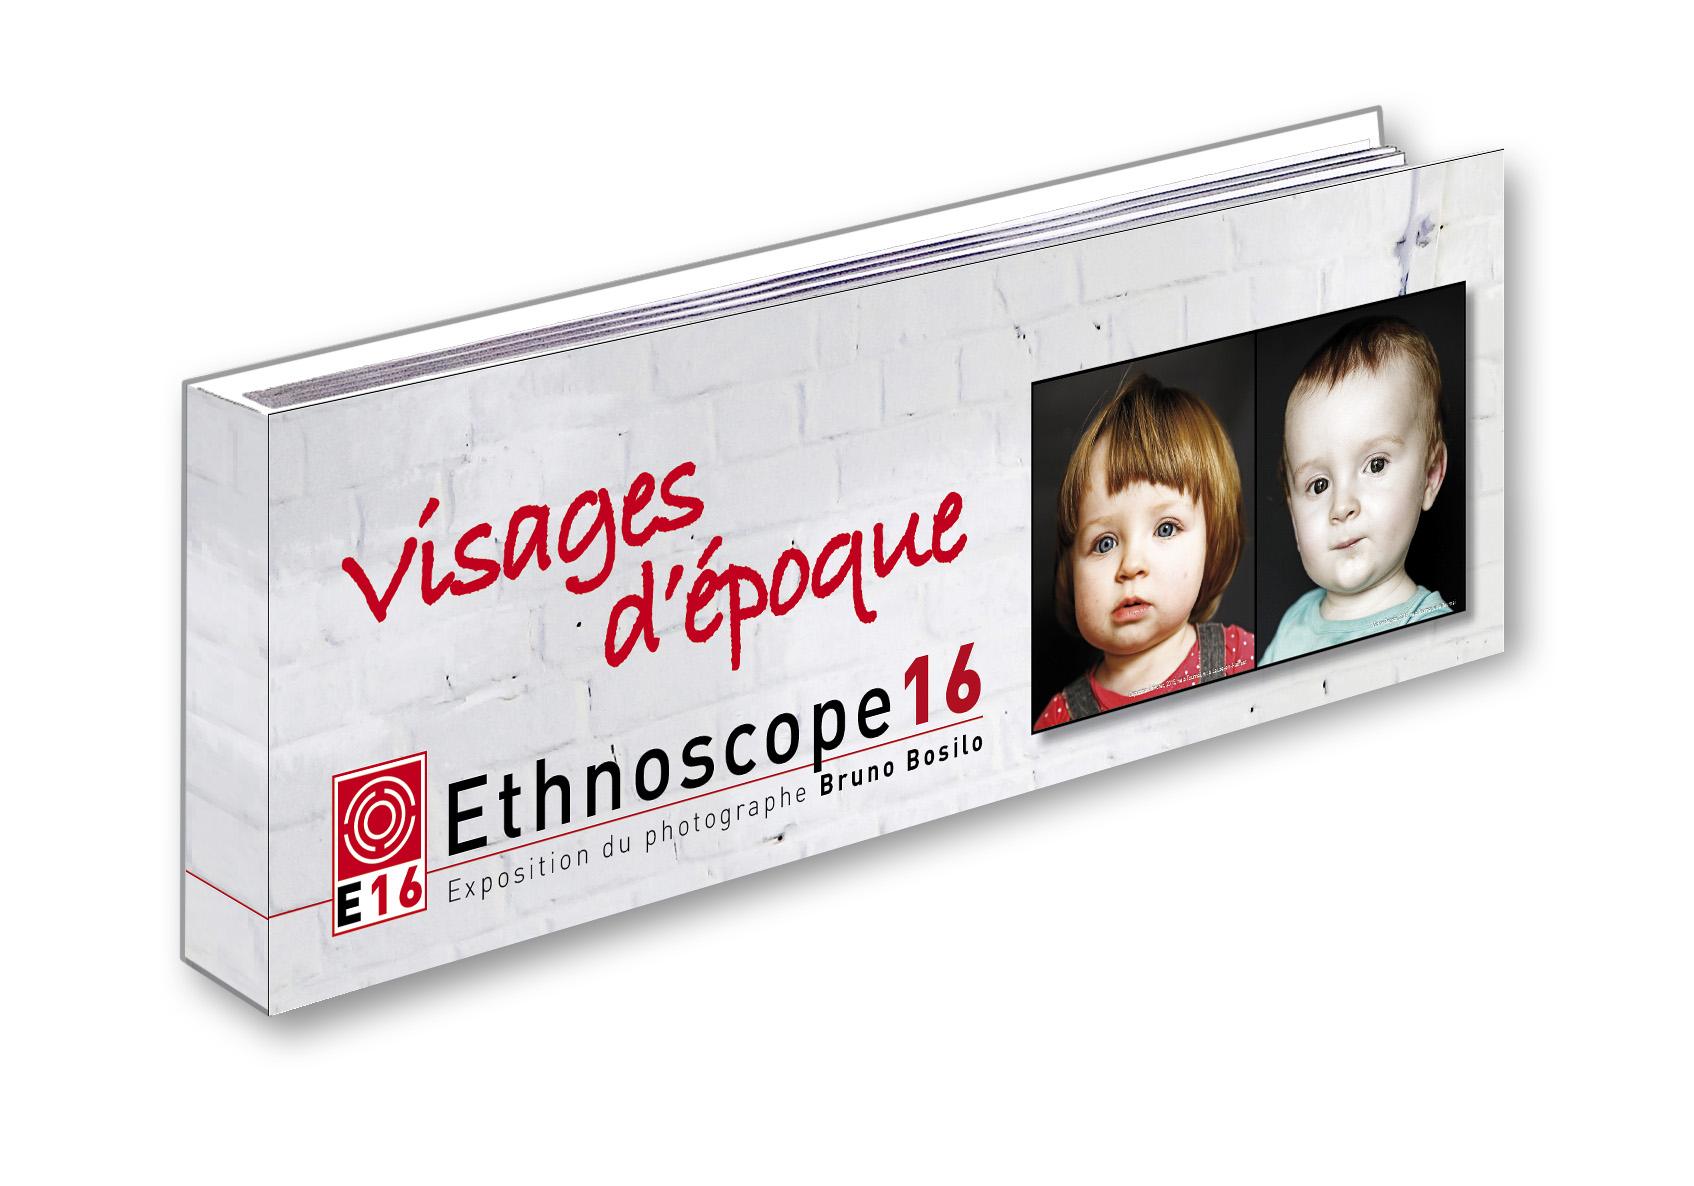 etno16-_couverture-3D-1465474705.jpg